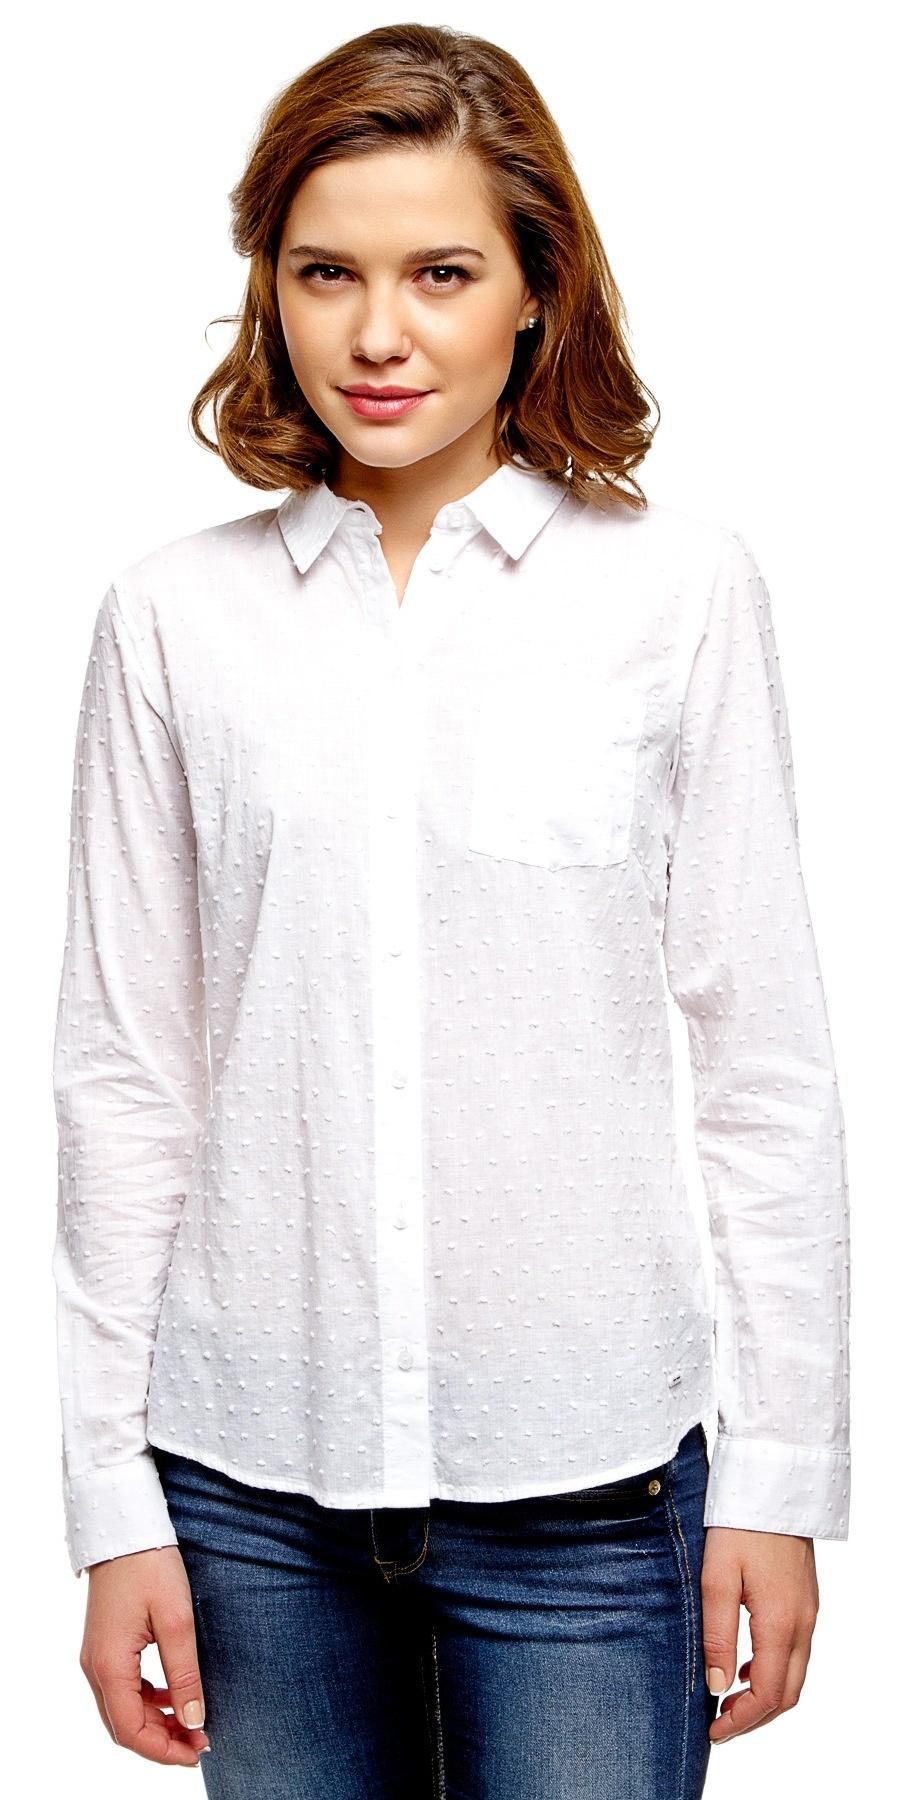 Блузка хлопок купить с доставкой